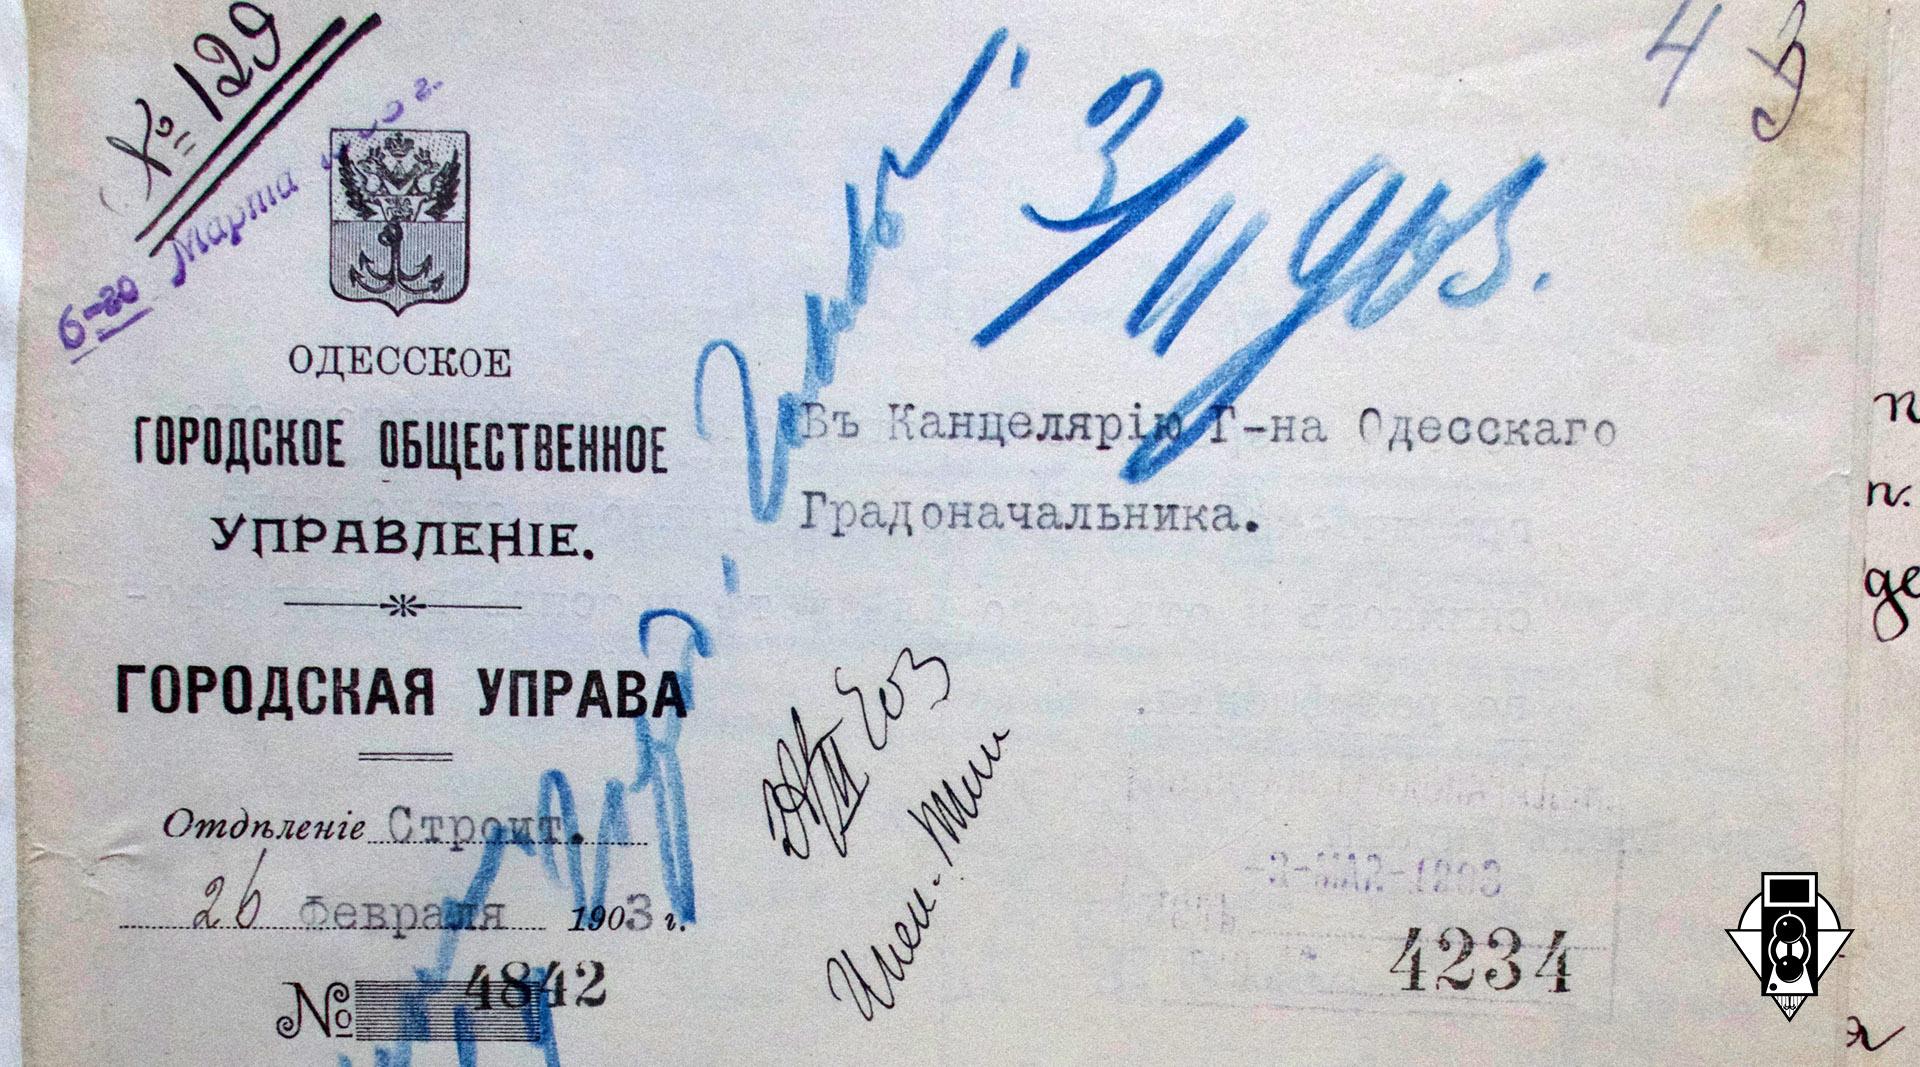 Об открытии фотографического кабинета 1903 г.